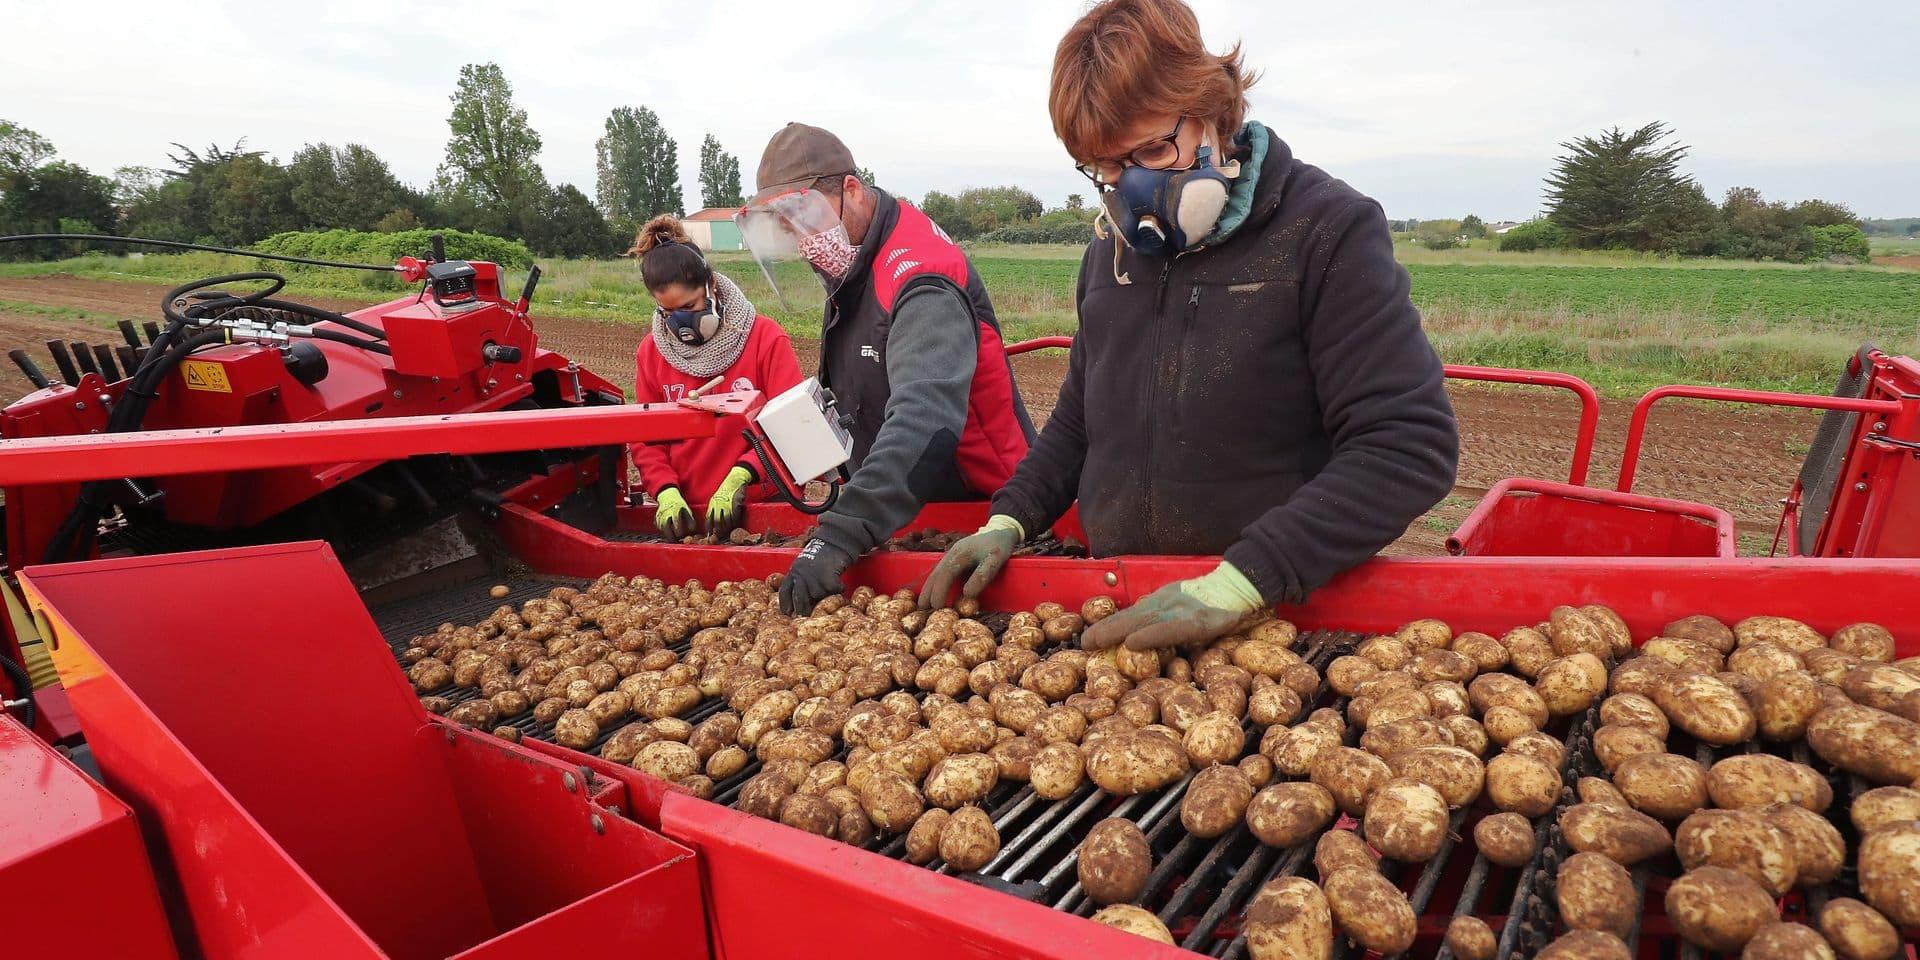 La rentabilité des pommes de terre belges a fortement chuté en 2020